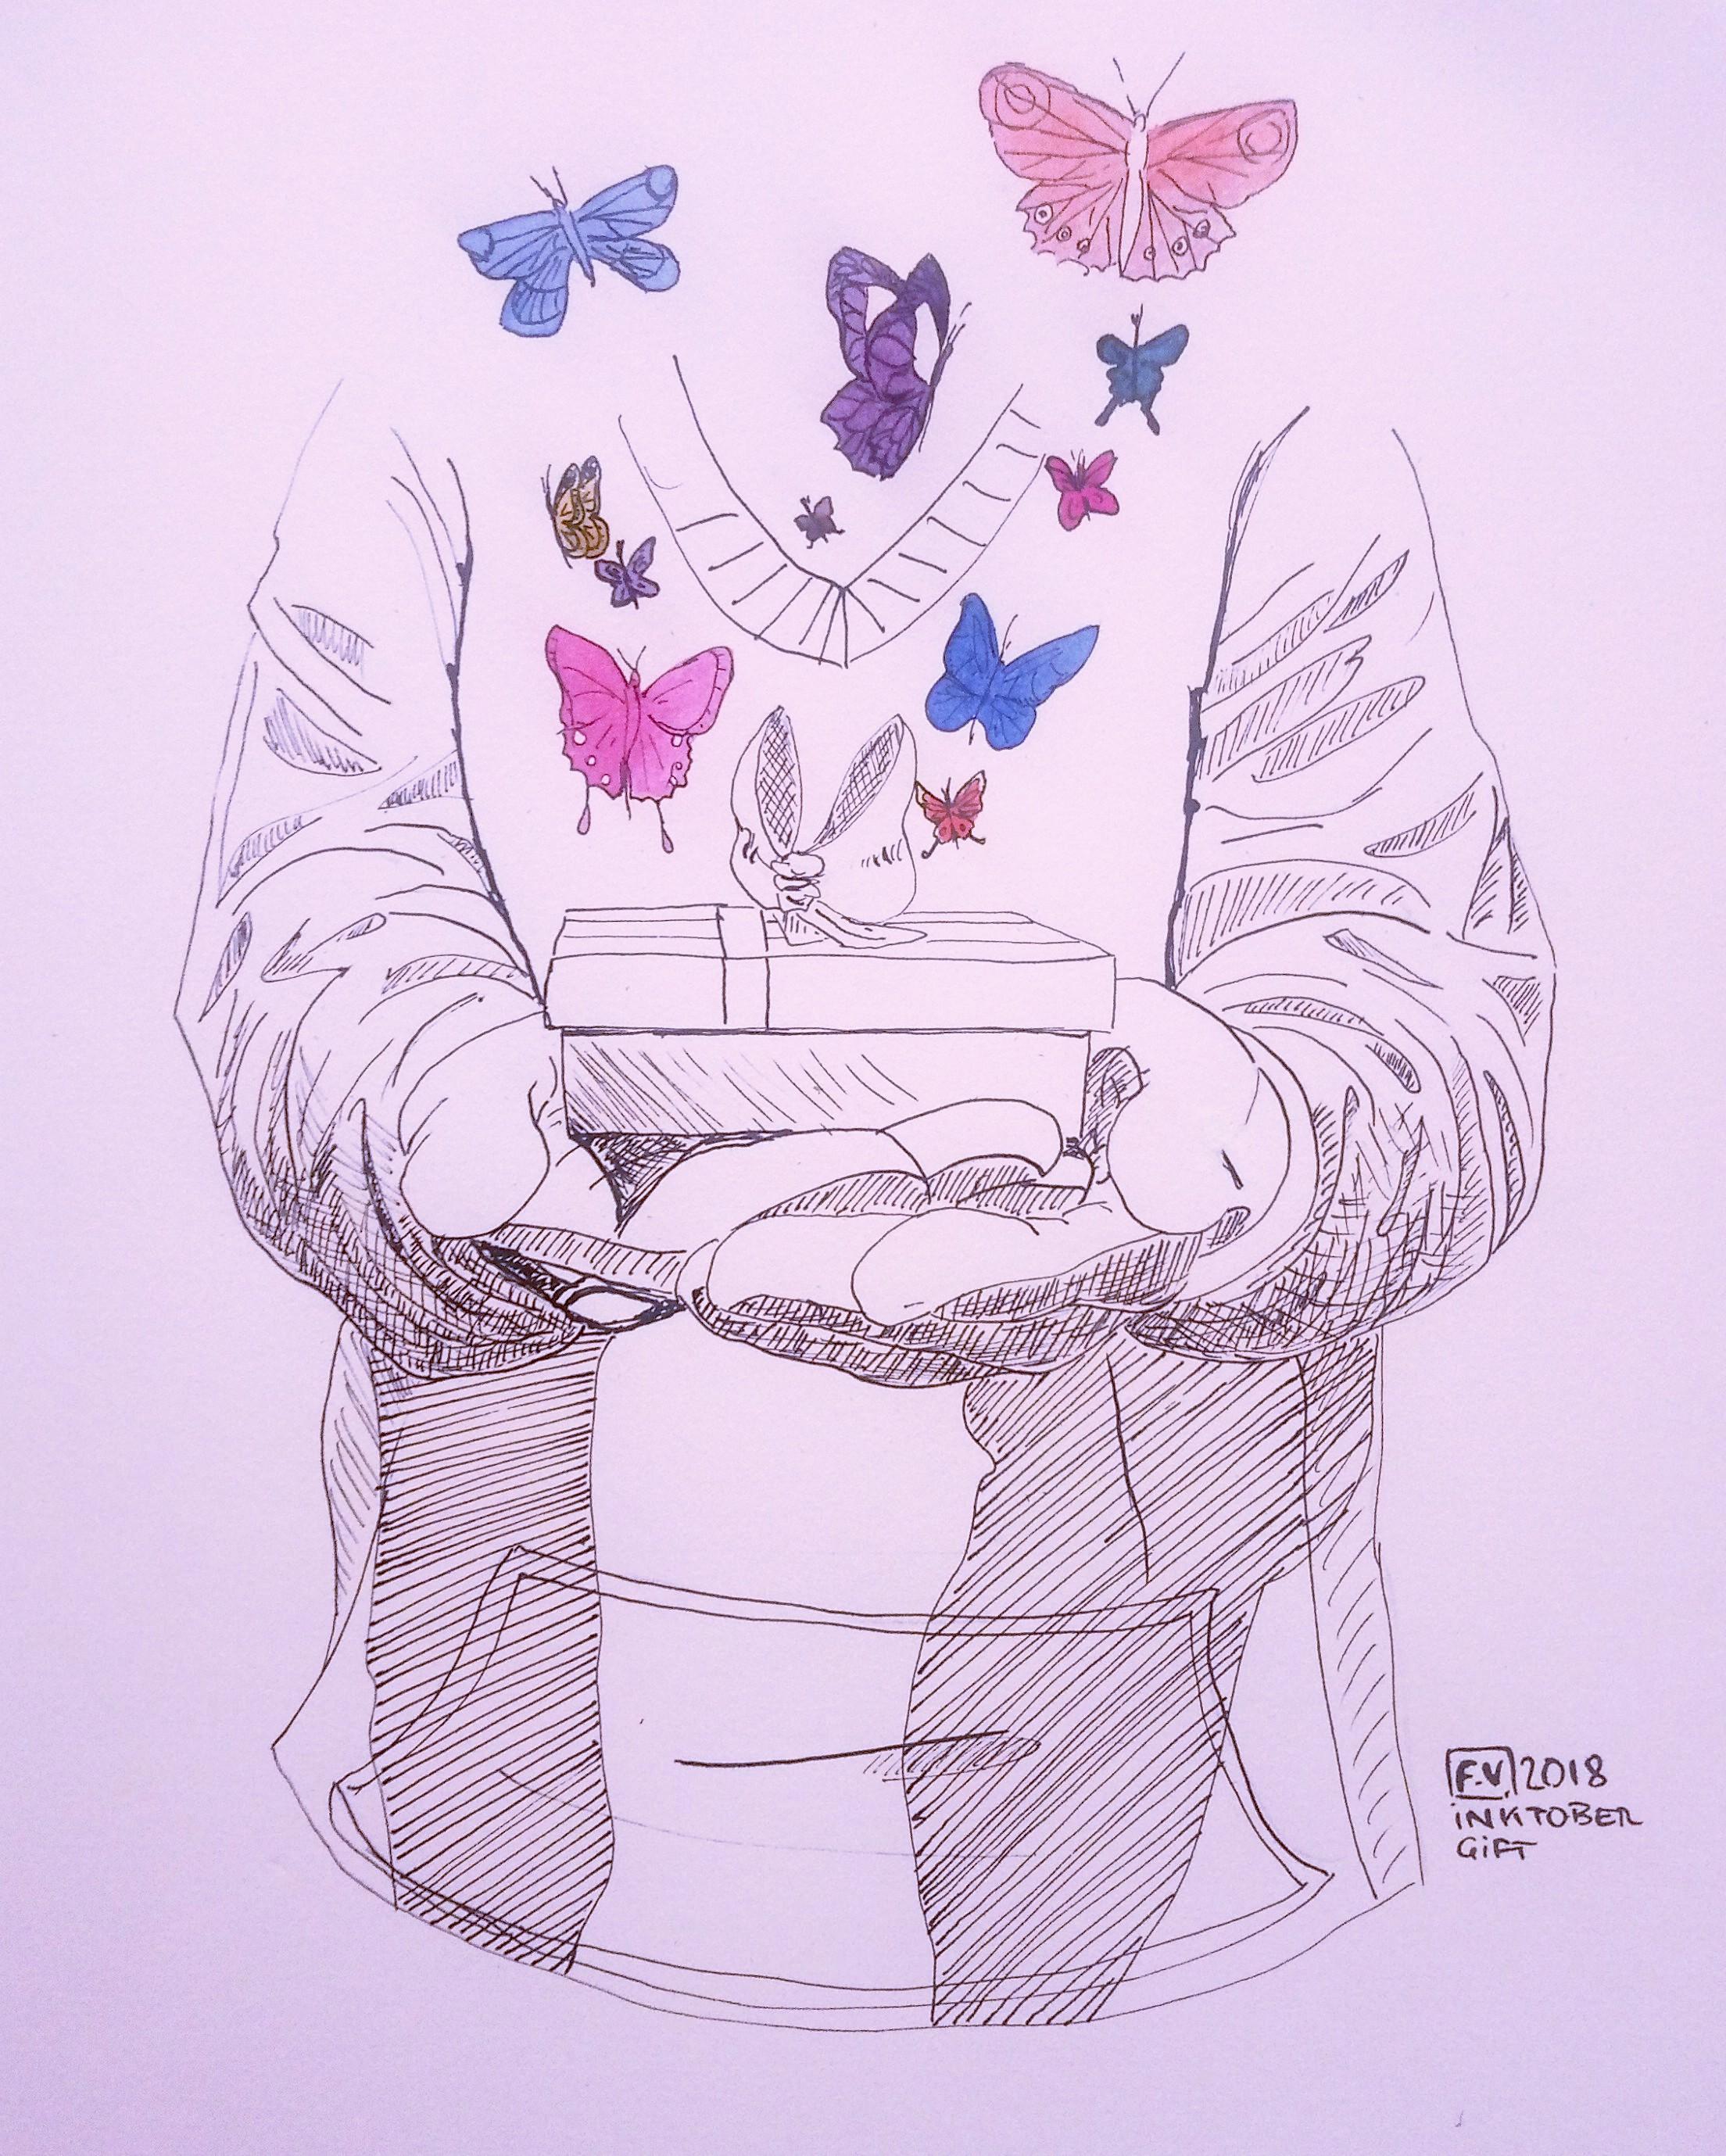 Gift - Inktober2018 FV_1